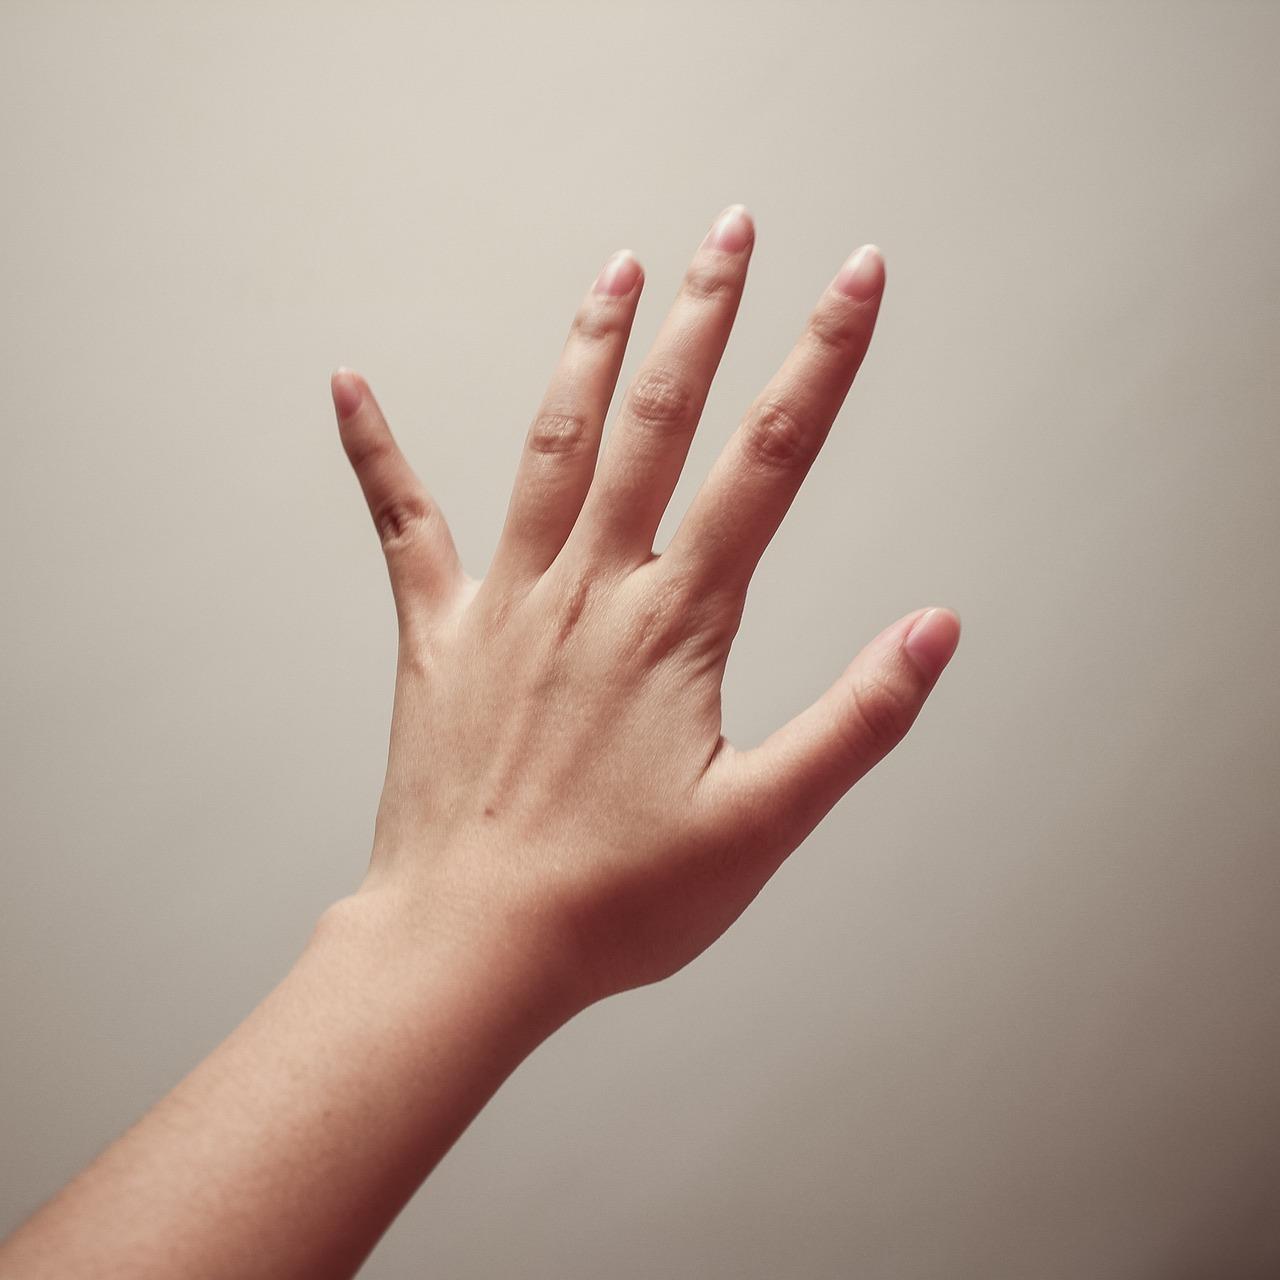 женские пальцы фото контекста ведёт